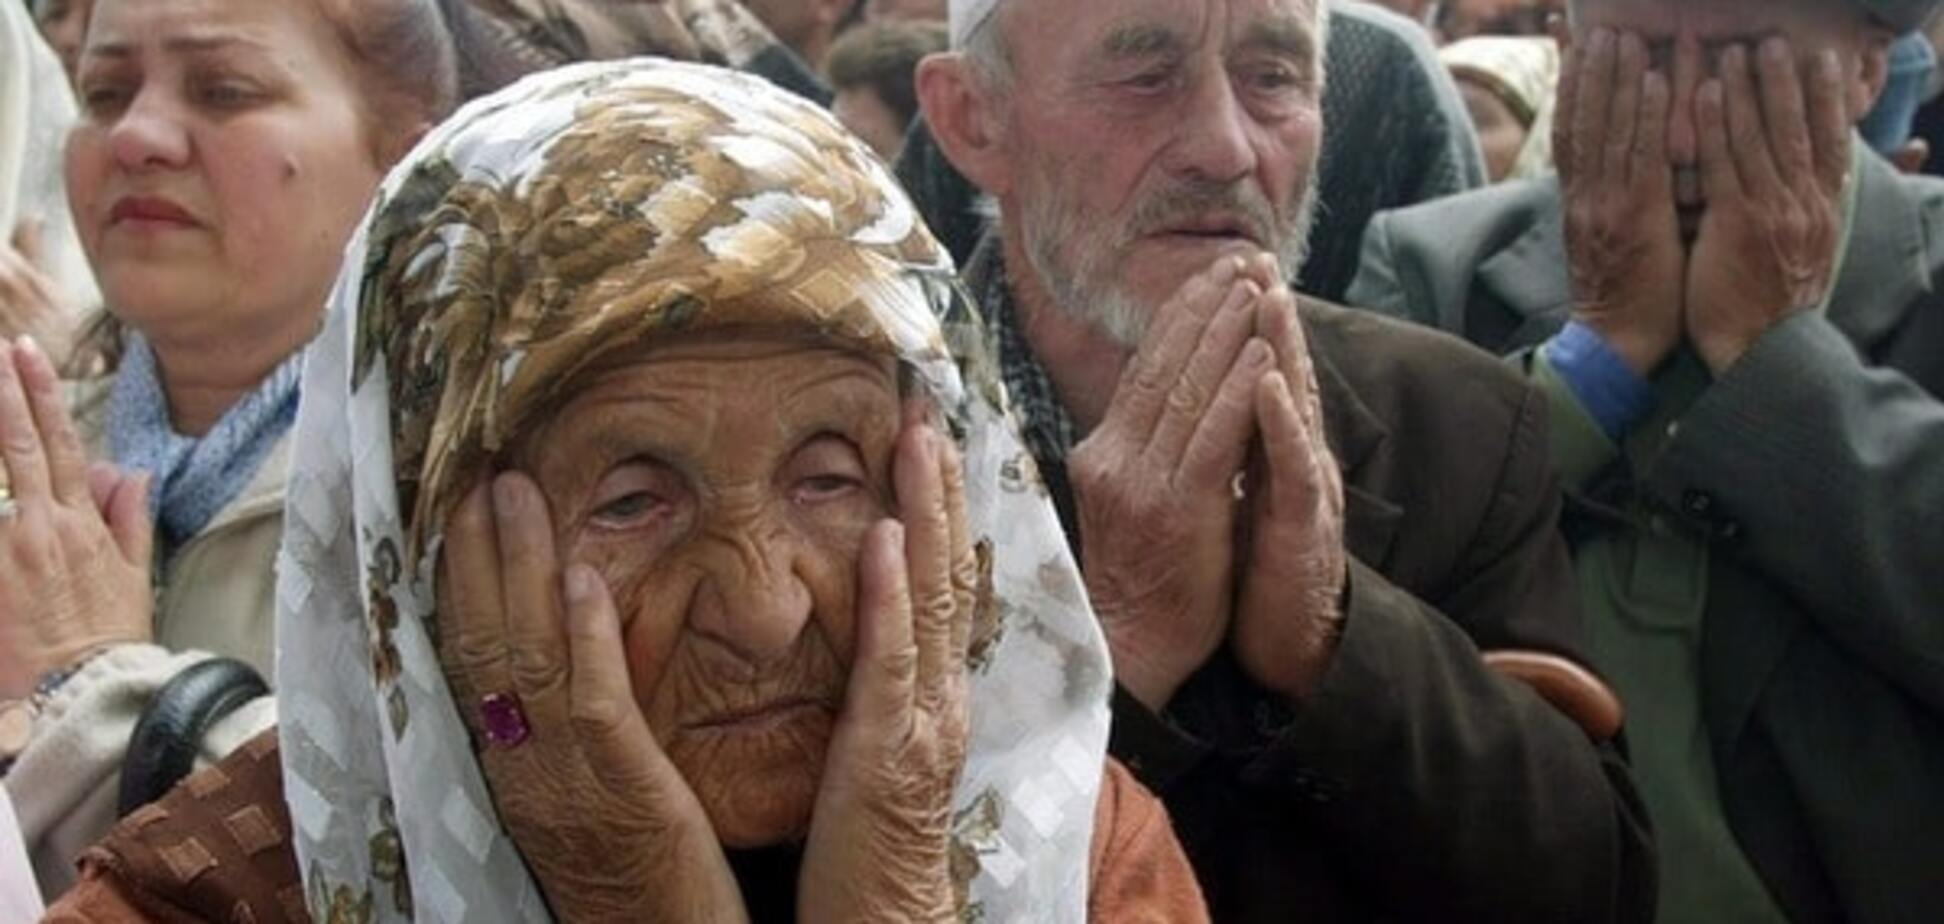 Імітація щастя: окупанти в Криму влаштували 'свято' для картинки в ЗМІ Кремля